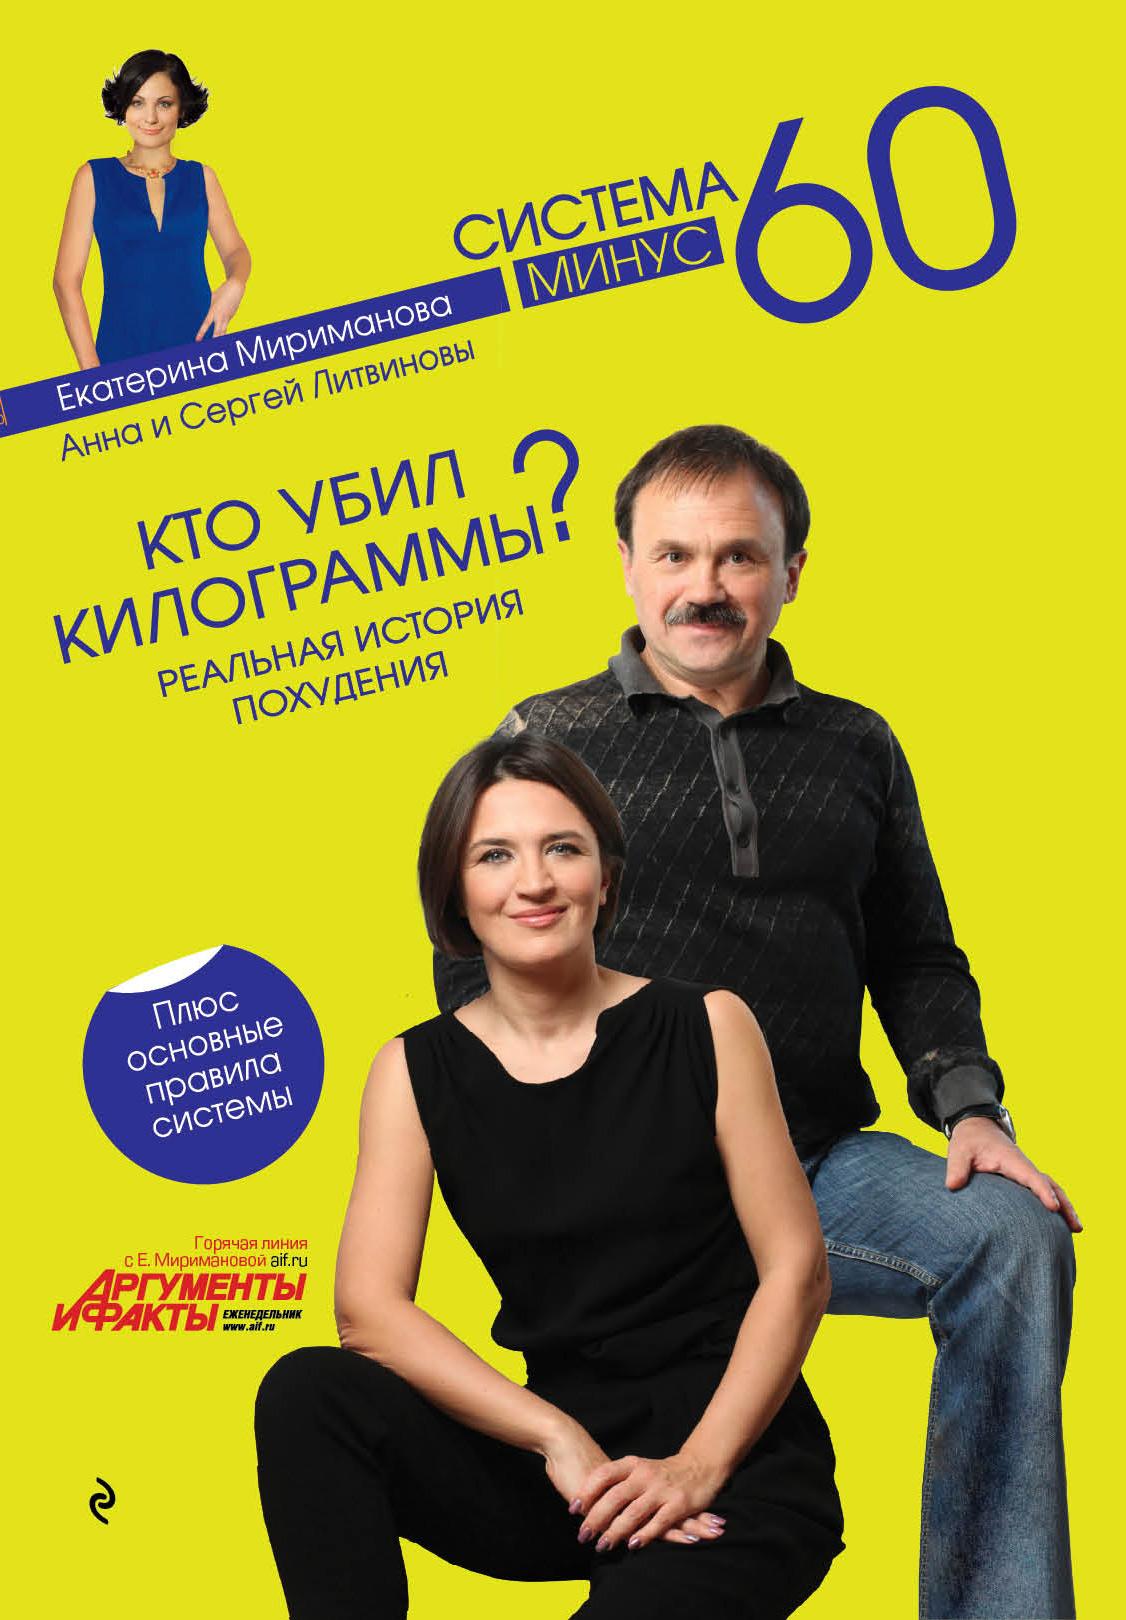 Анна и Сергей Литвиновы Кто убил килограммы? Реальная история похудения цена